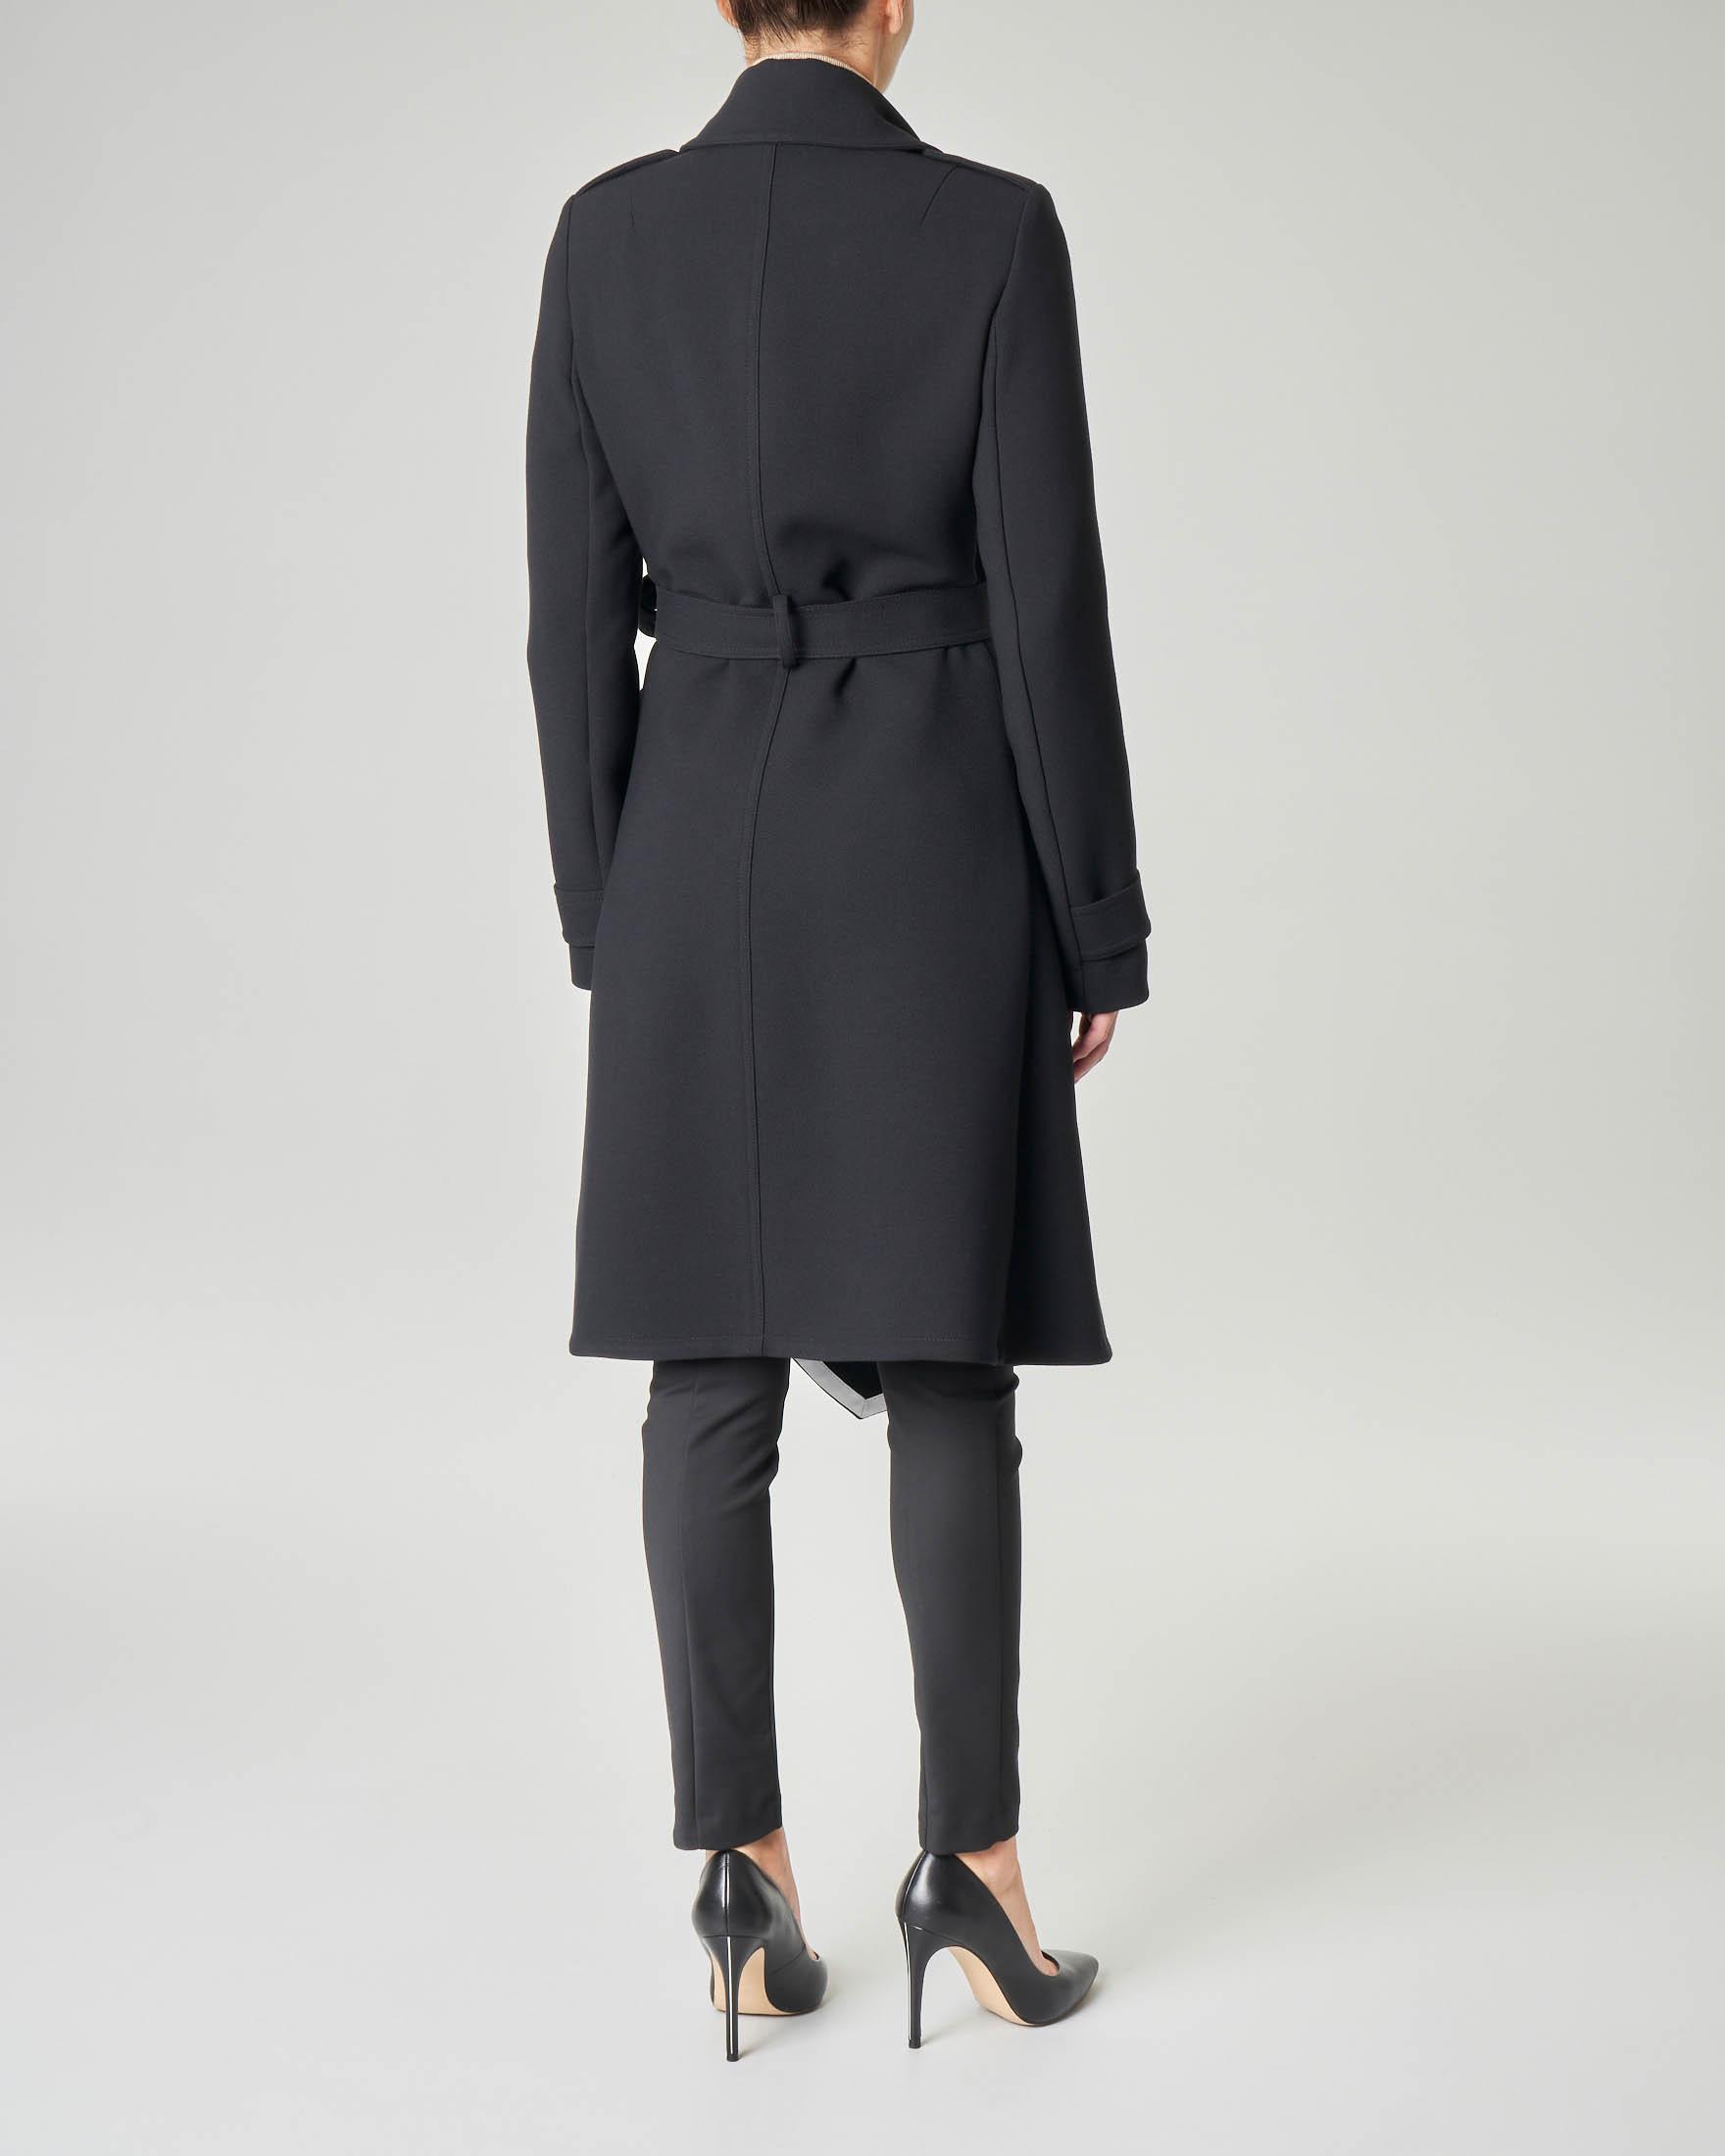 Cappotto in panno nero sfoderato con cintura in vita e fondo asimmetrico